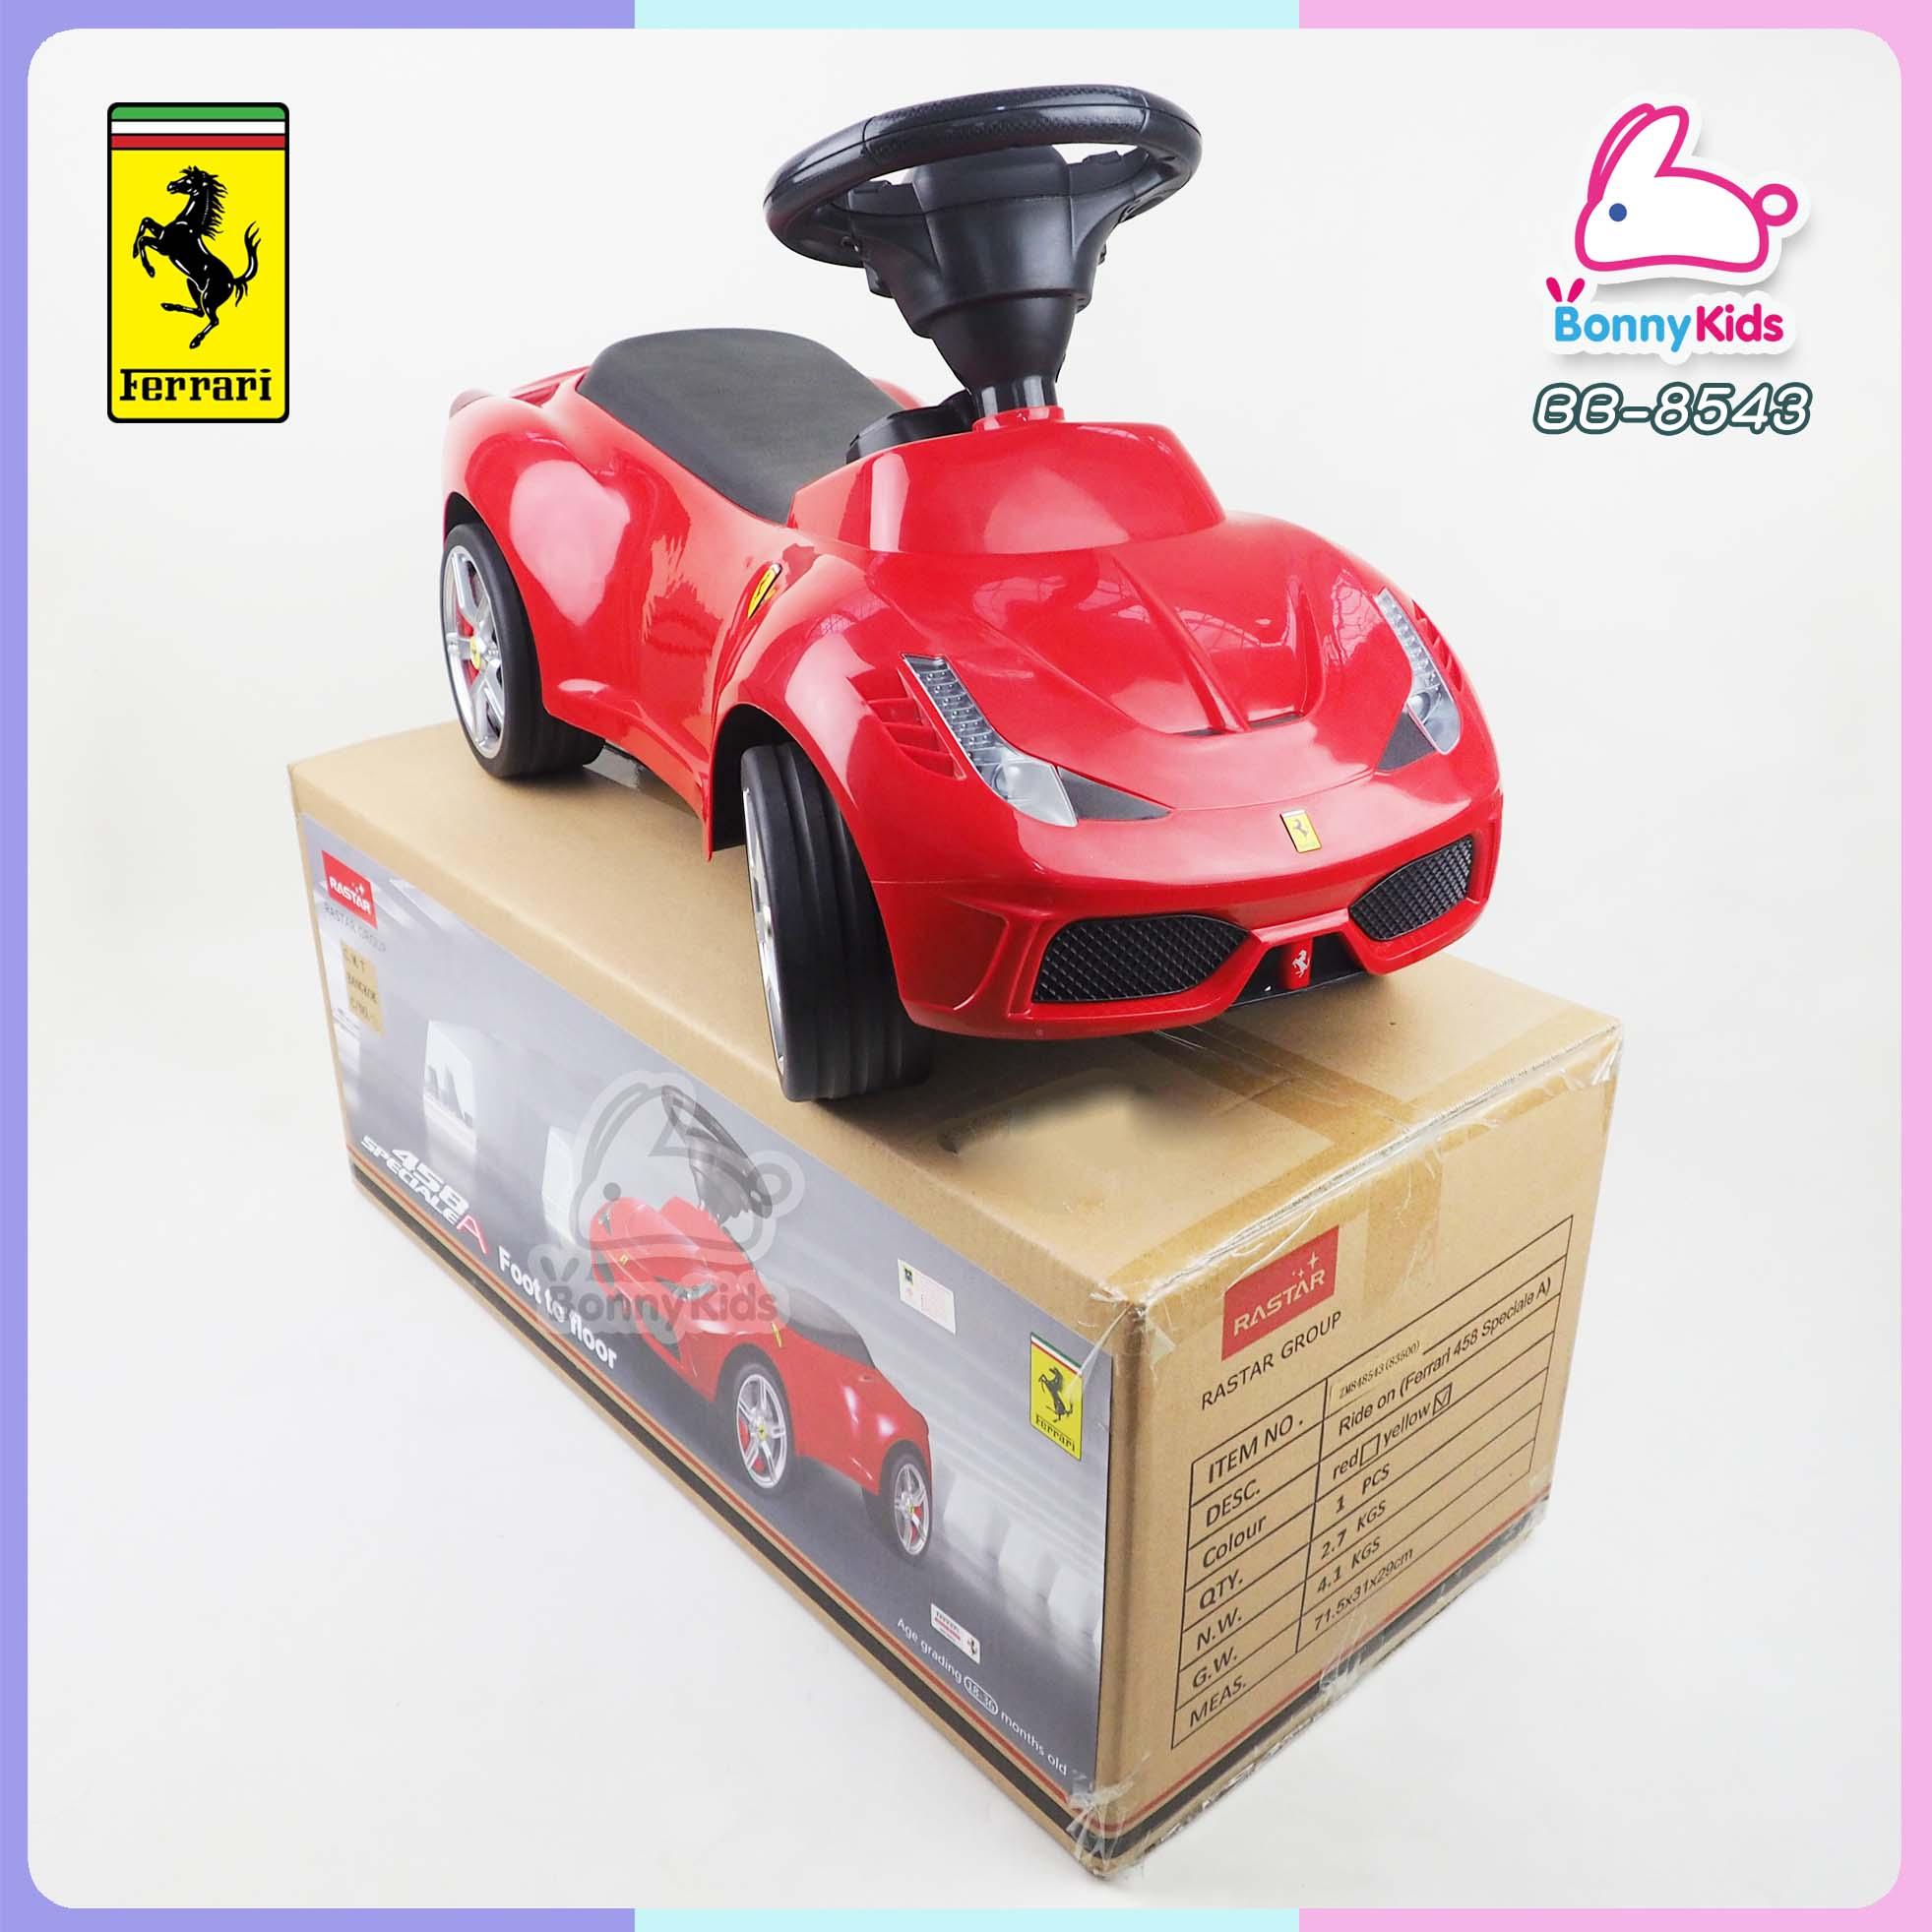 รถขาไถ laferrari aperta ลิขสิทธิ์แท้ สีแดง โปรส่งฟรี ถึงวันที่ 28 กพ. 61 เท่านั้นจ้า!!!